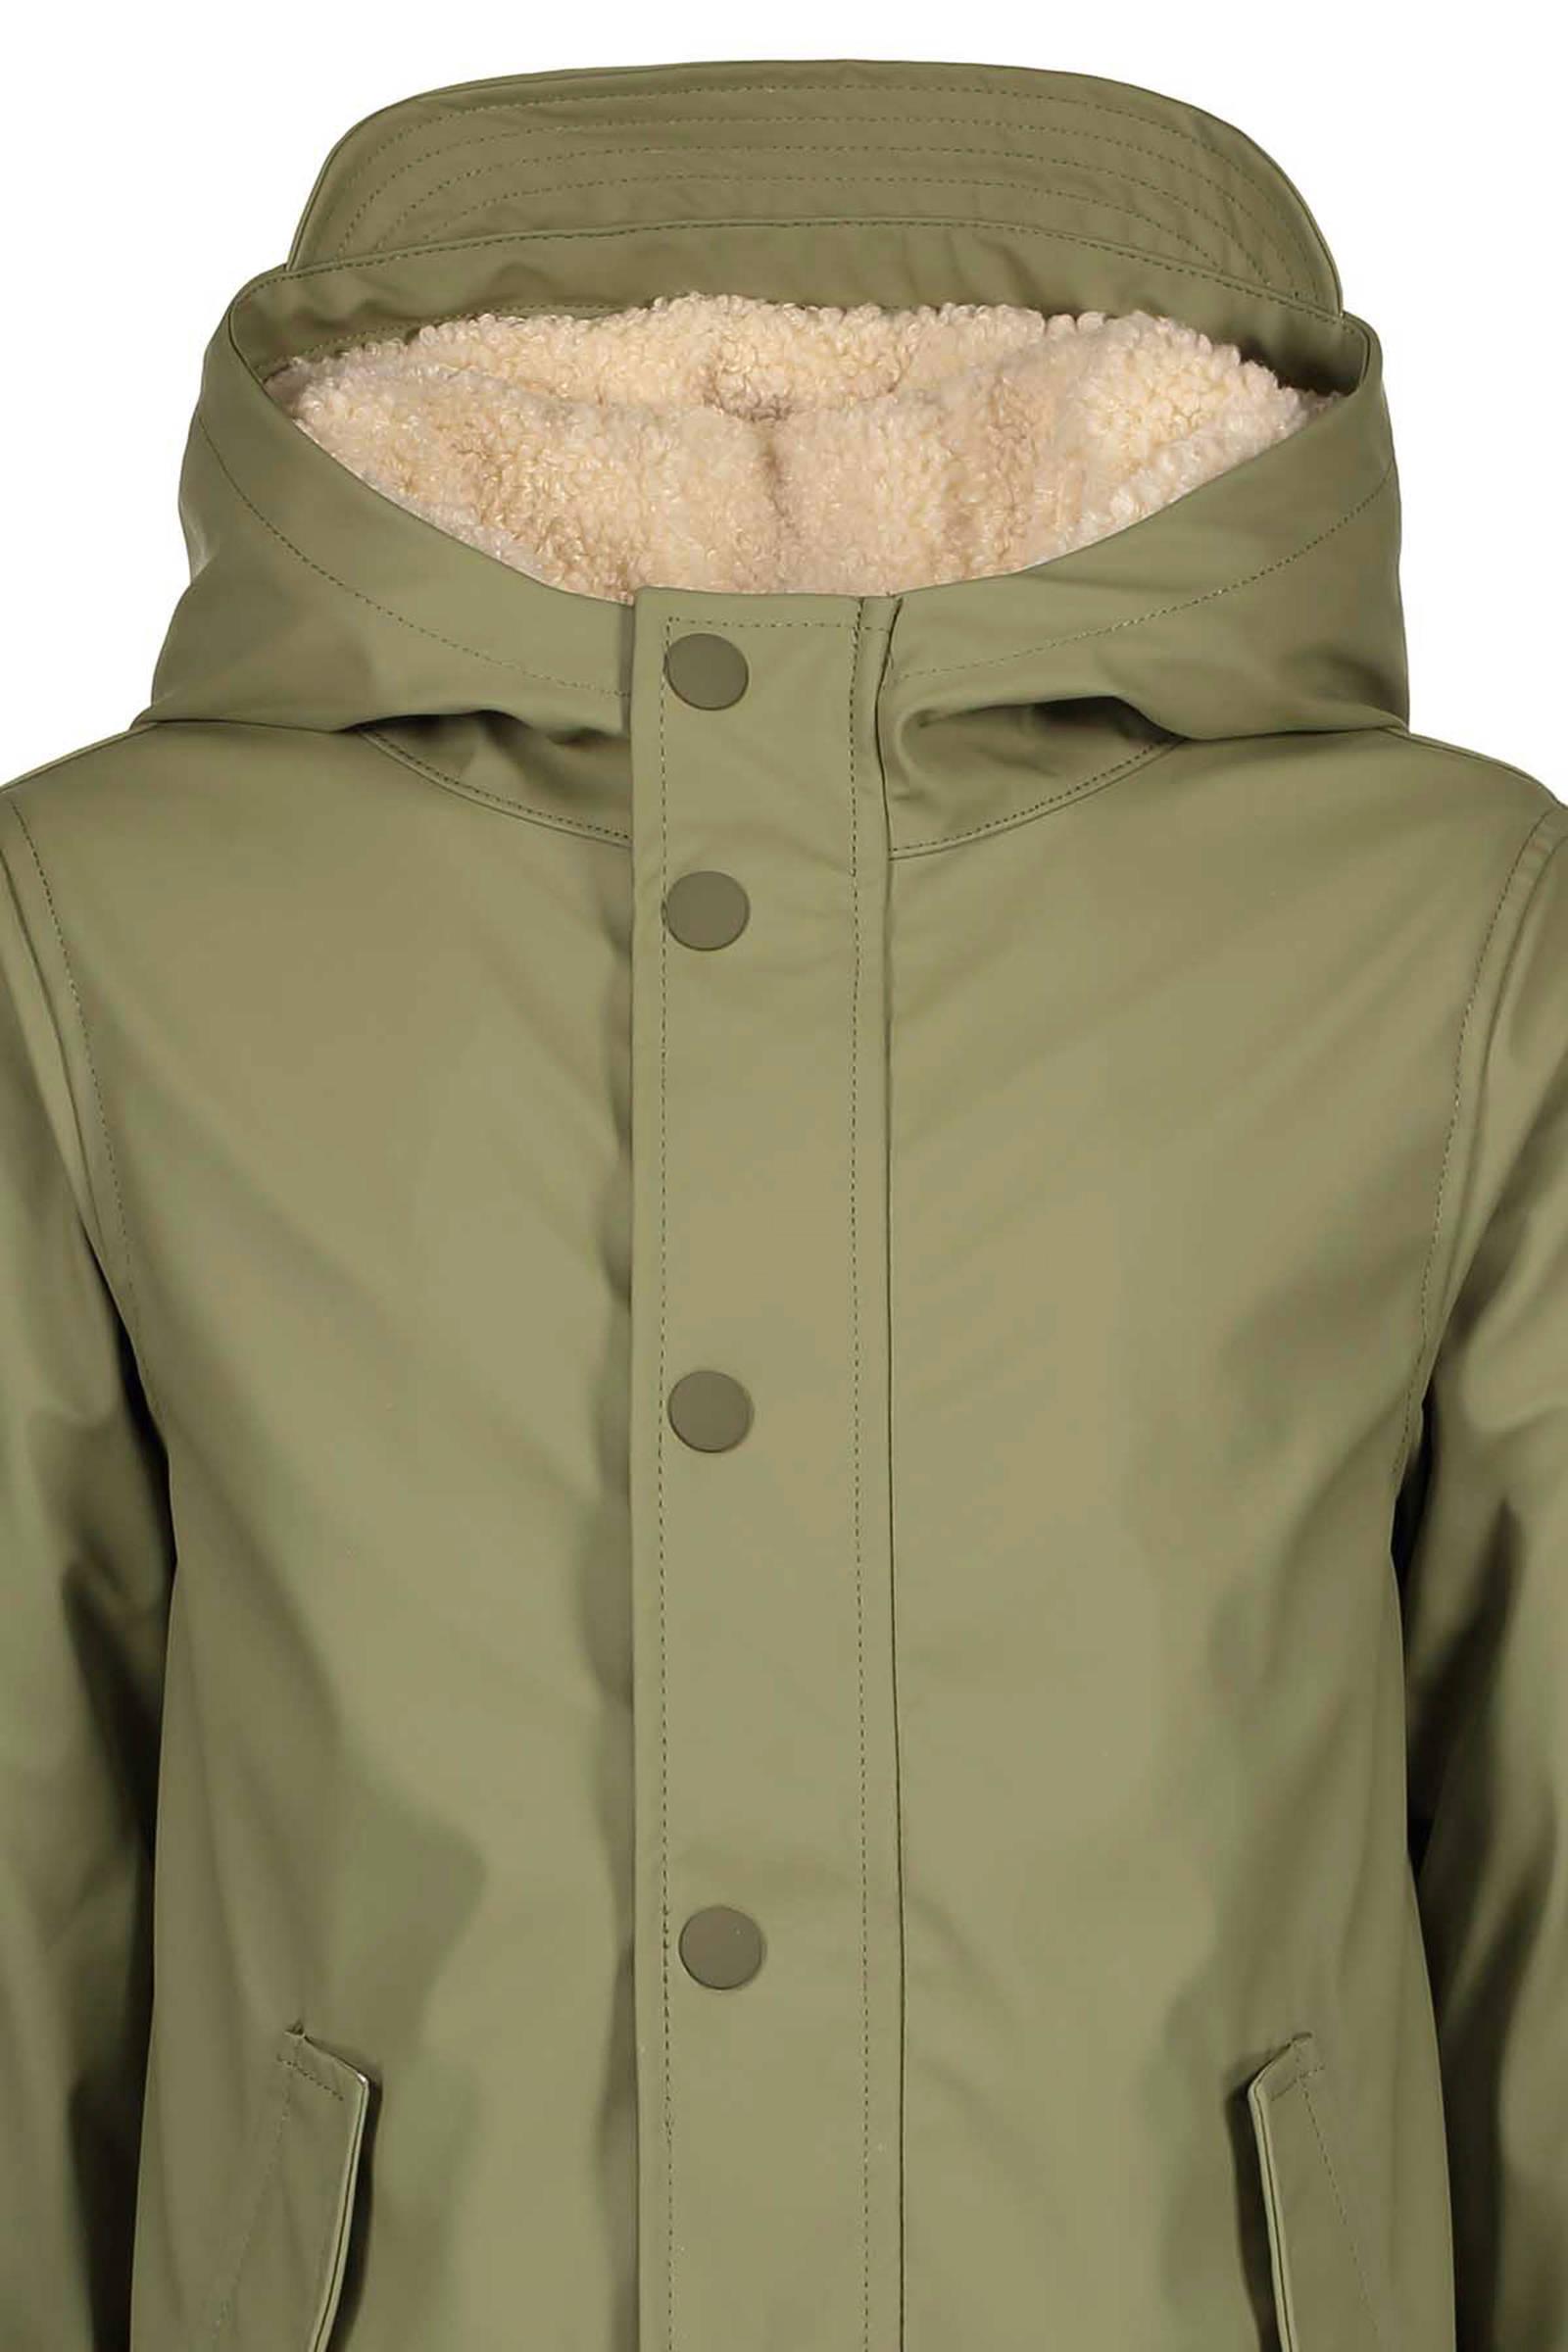 Sissy Boy winterjas met wol | wehkamp